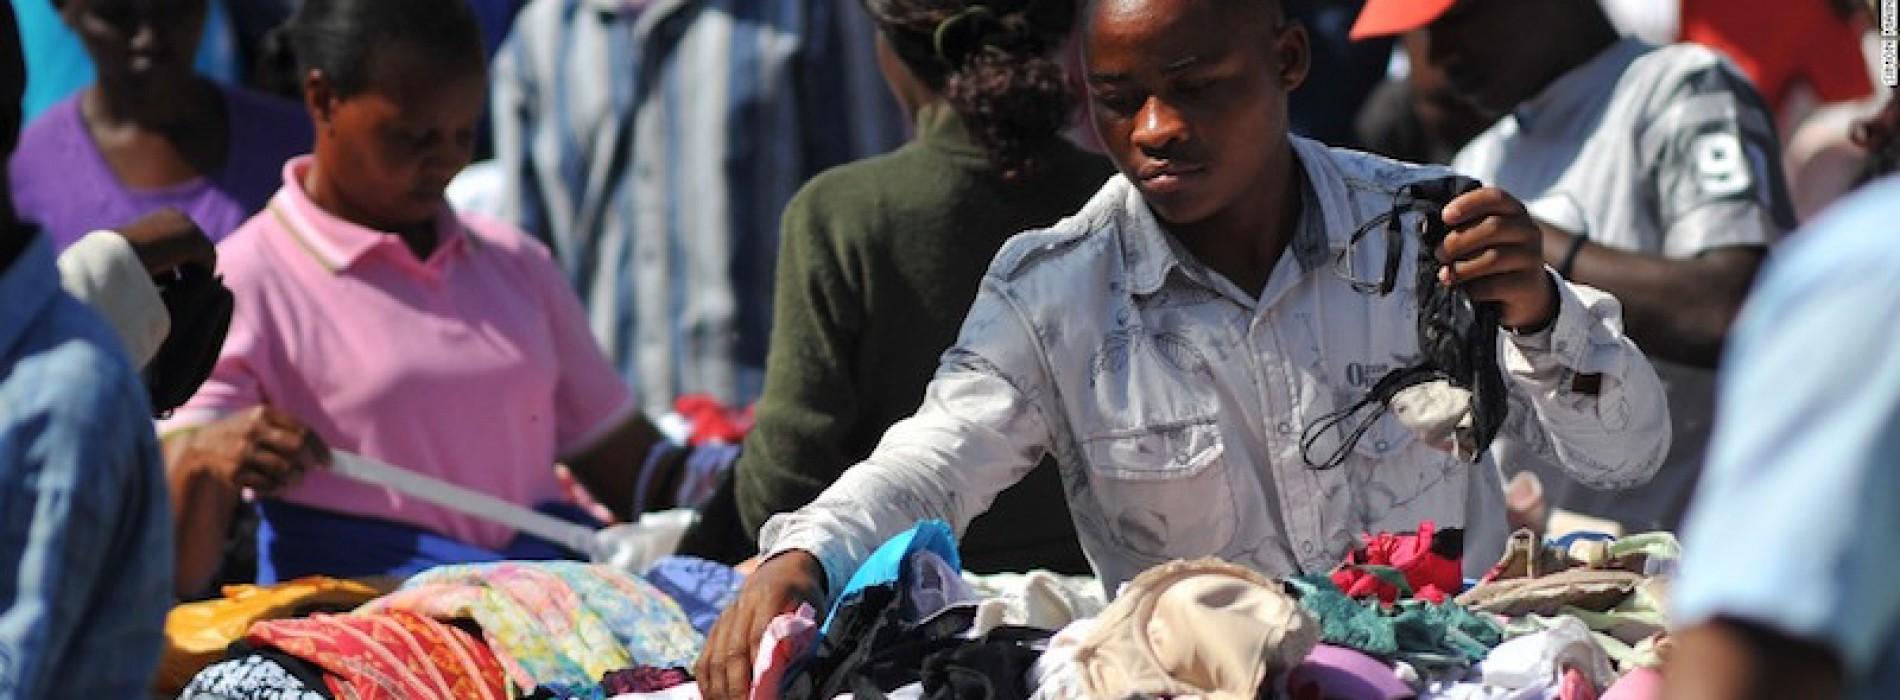 Africa Orientale, verso divieto import abiti e auto usati e una nuova politica industria